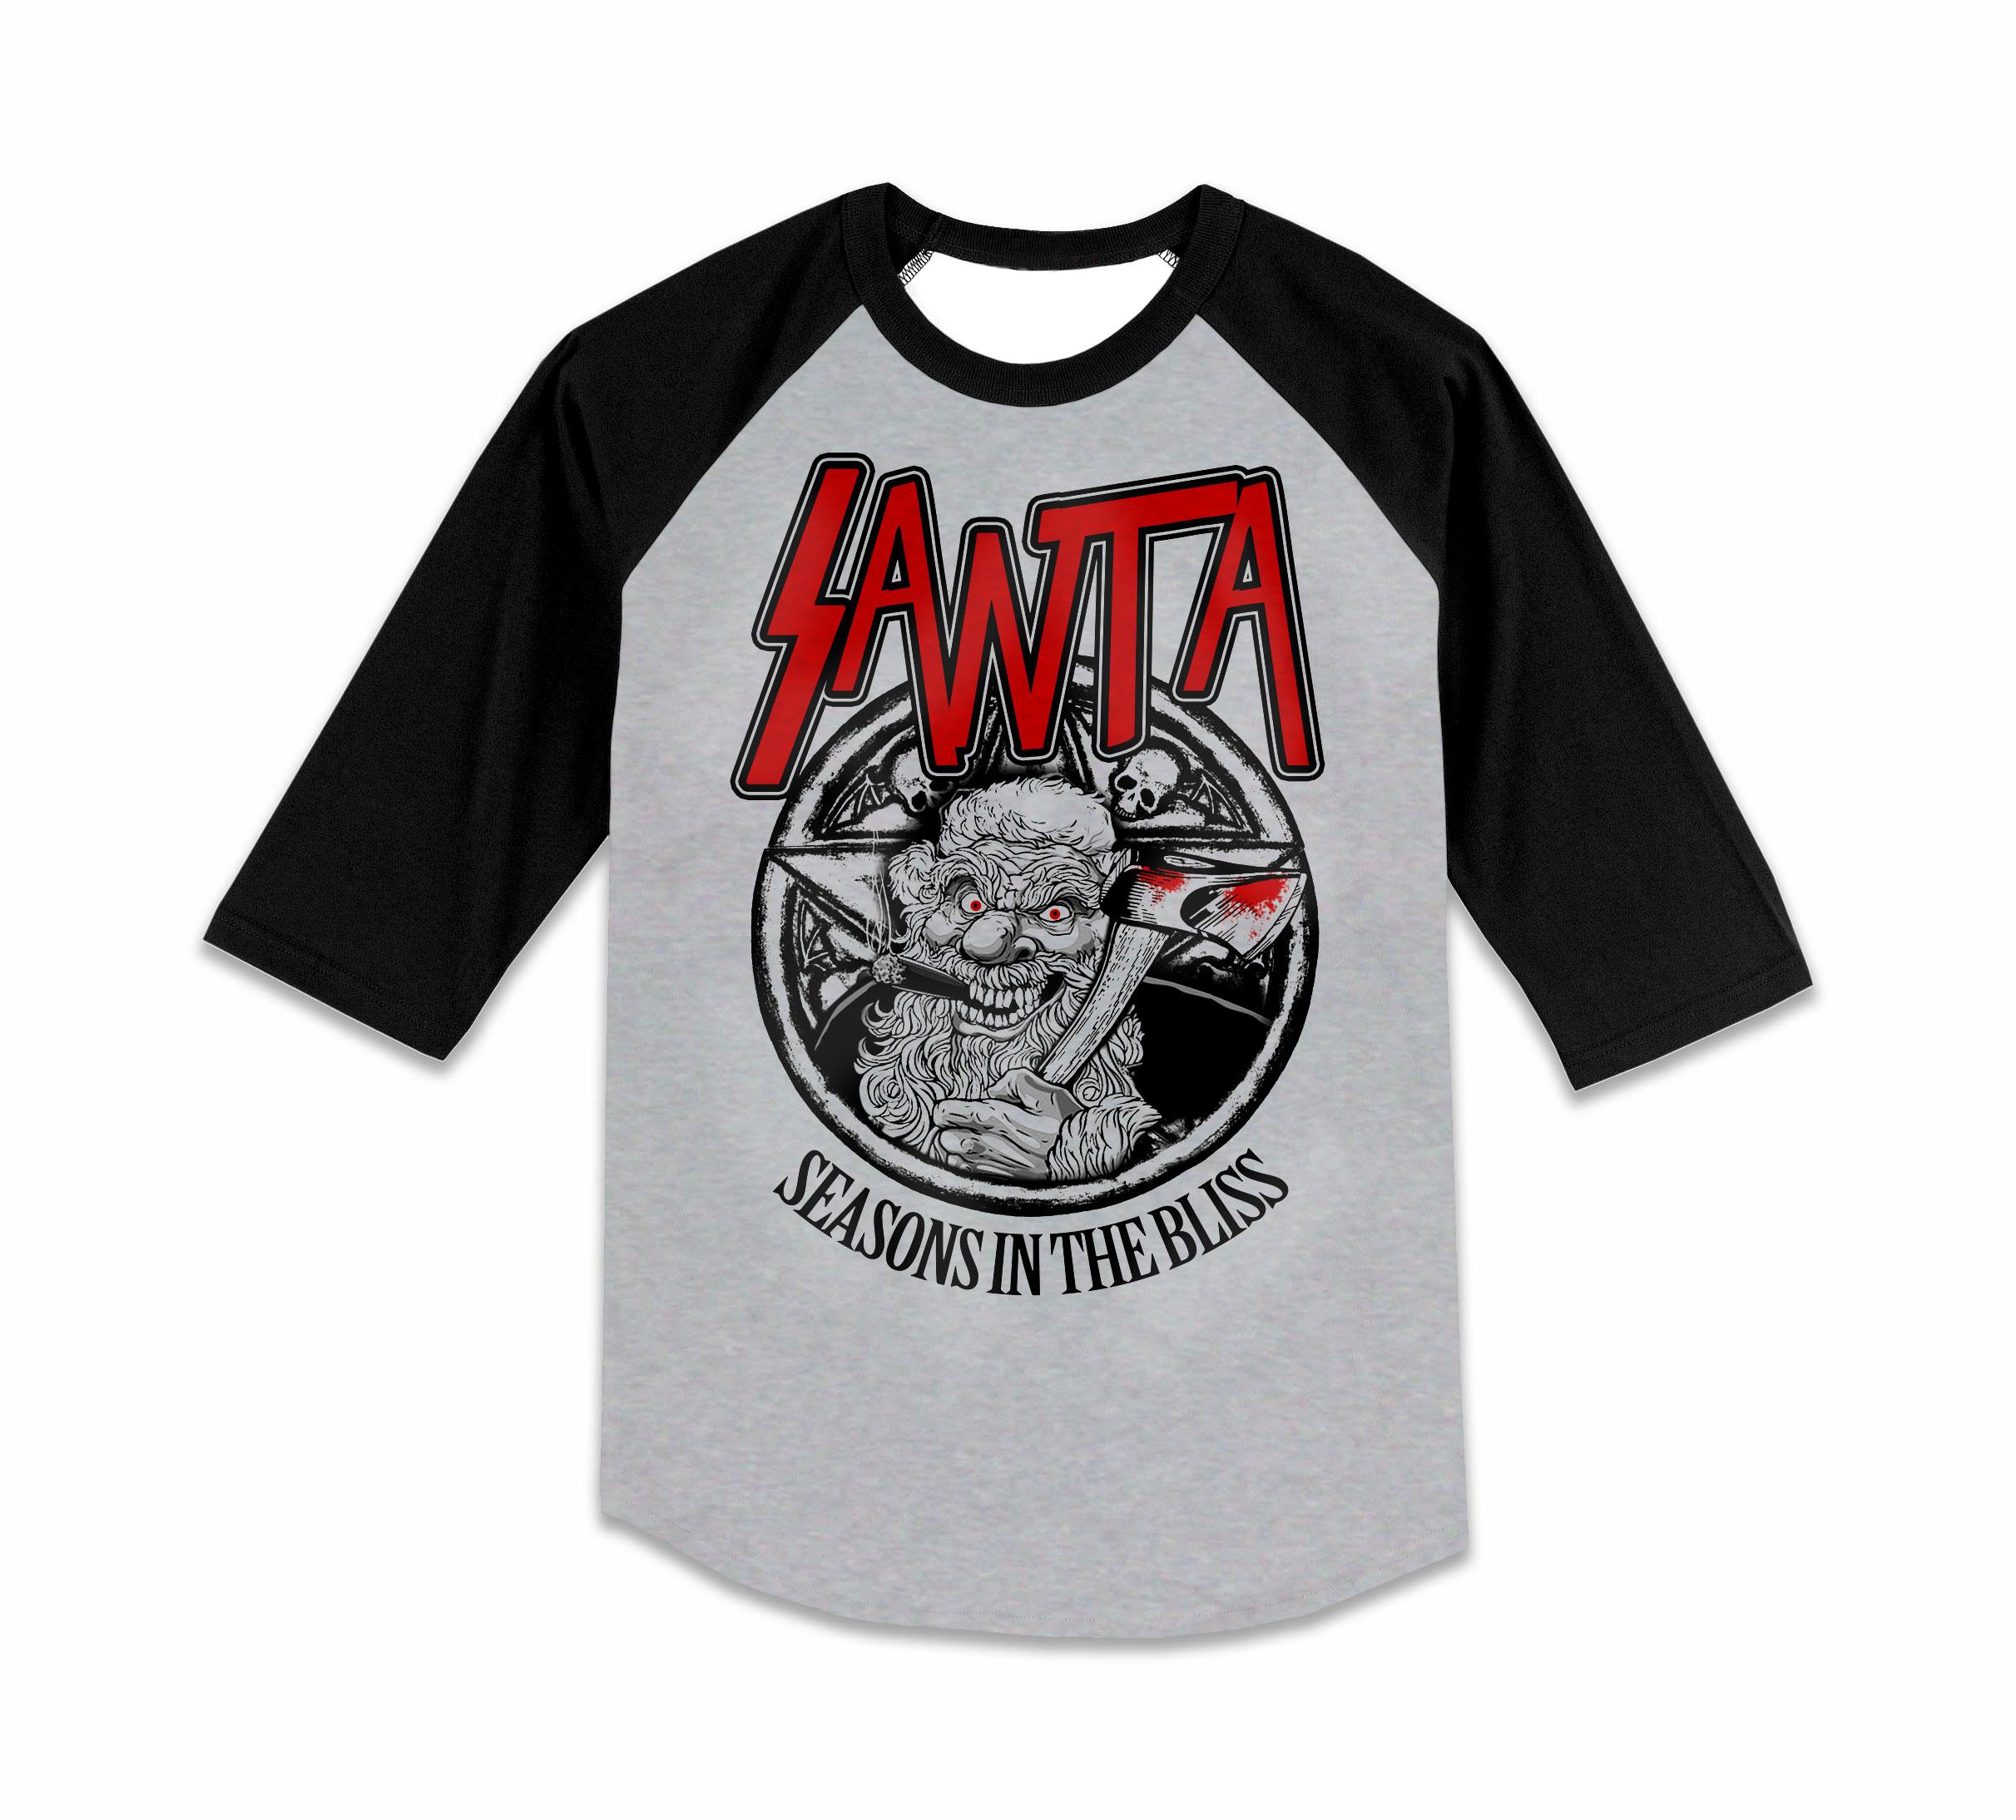 Black xmas t shirt - Prev